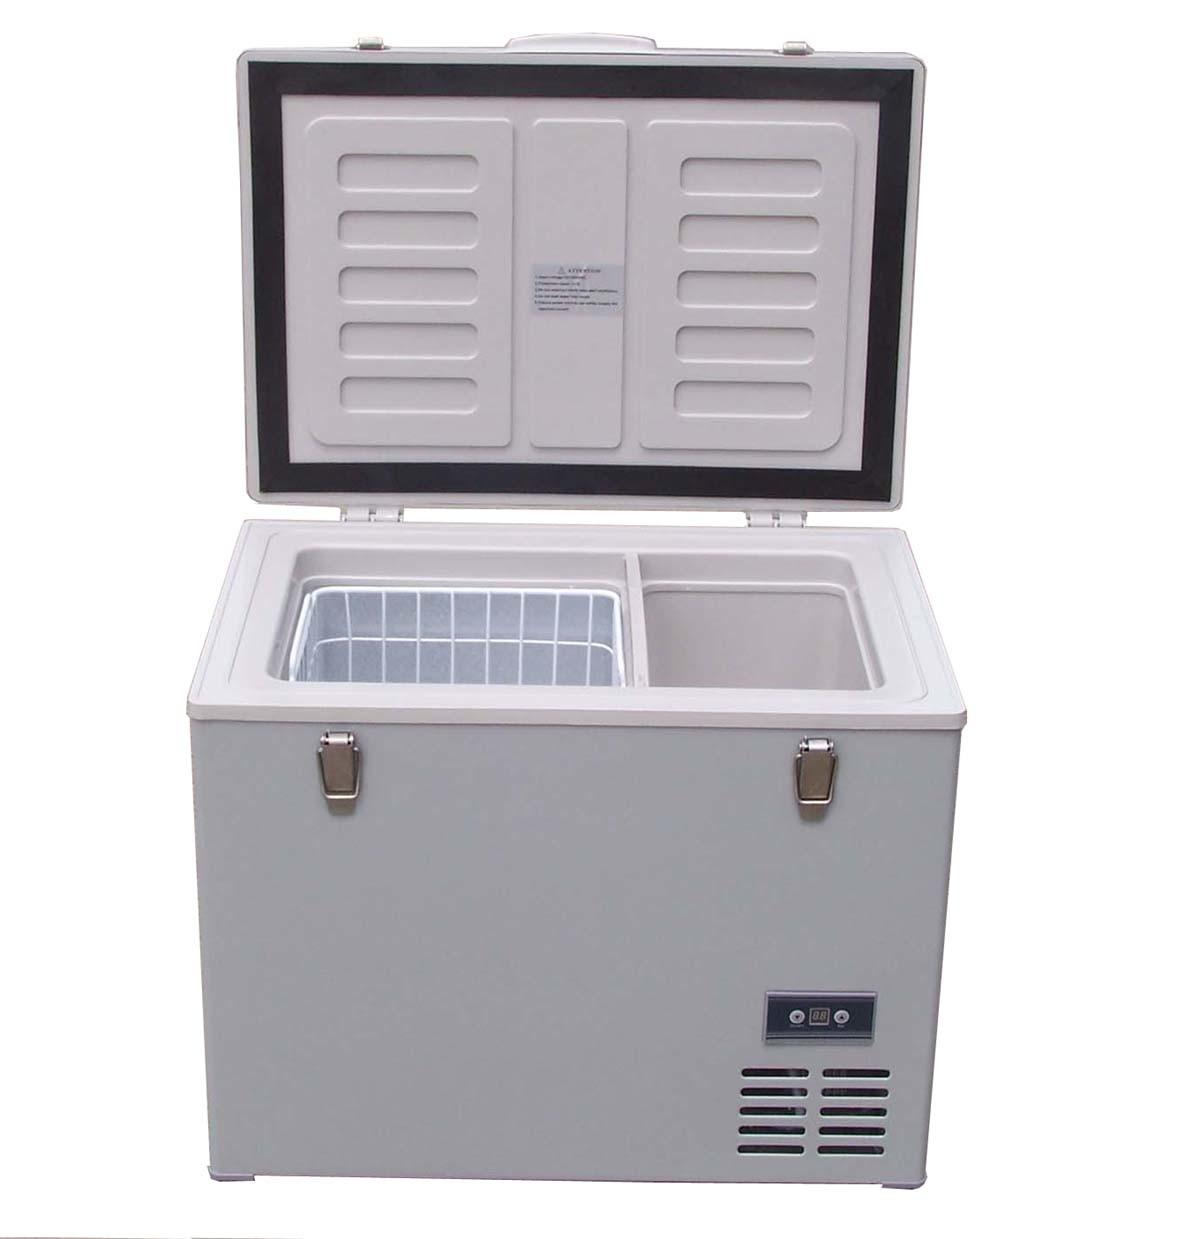 refrigerator compressor  portable compressor refrigerator or zer images